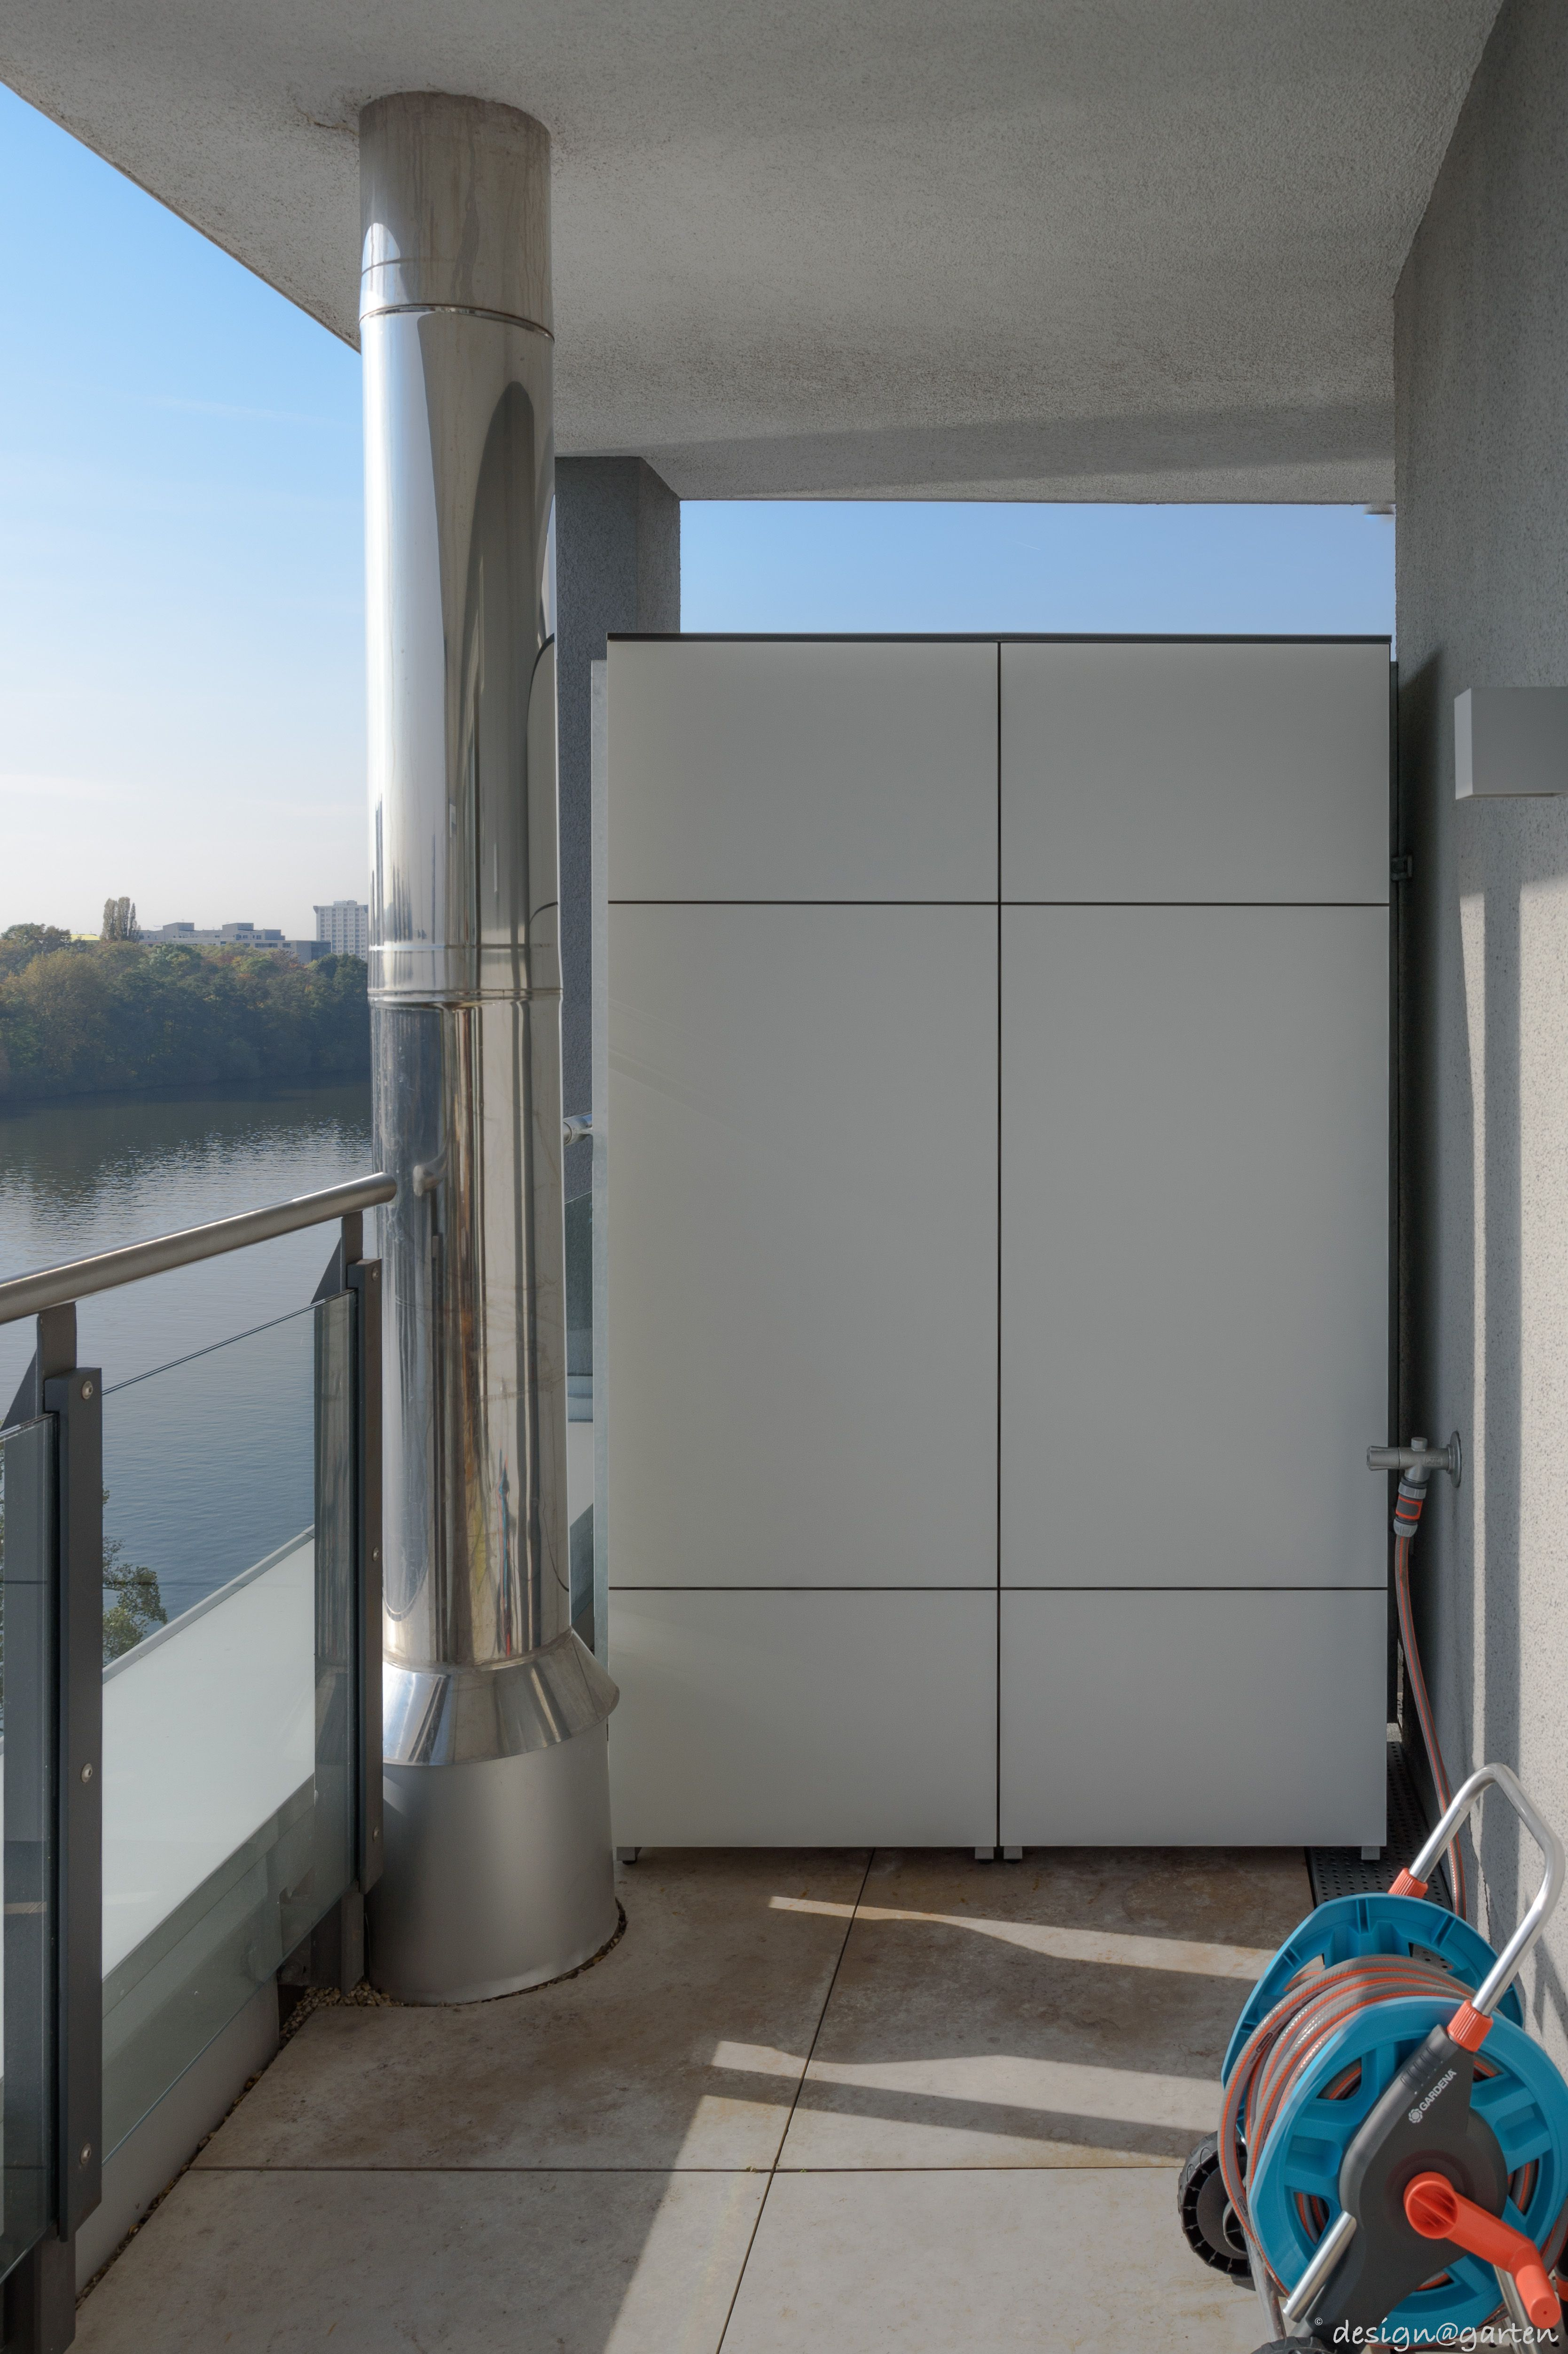 Balkonschrank Terrassenschrank Hochschrank Win In Frankfurt By Design Garten Augsburg Farbe Weiss Wetterfest U Balkonschrank Gartenschrank Terrasse